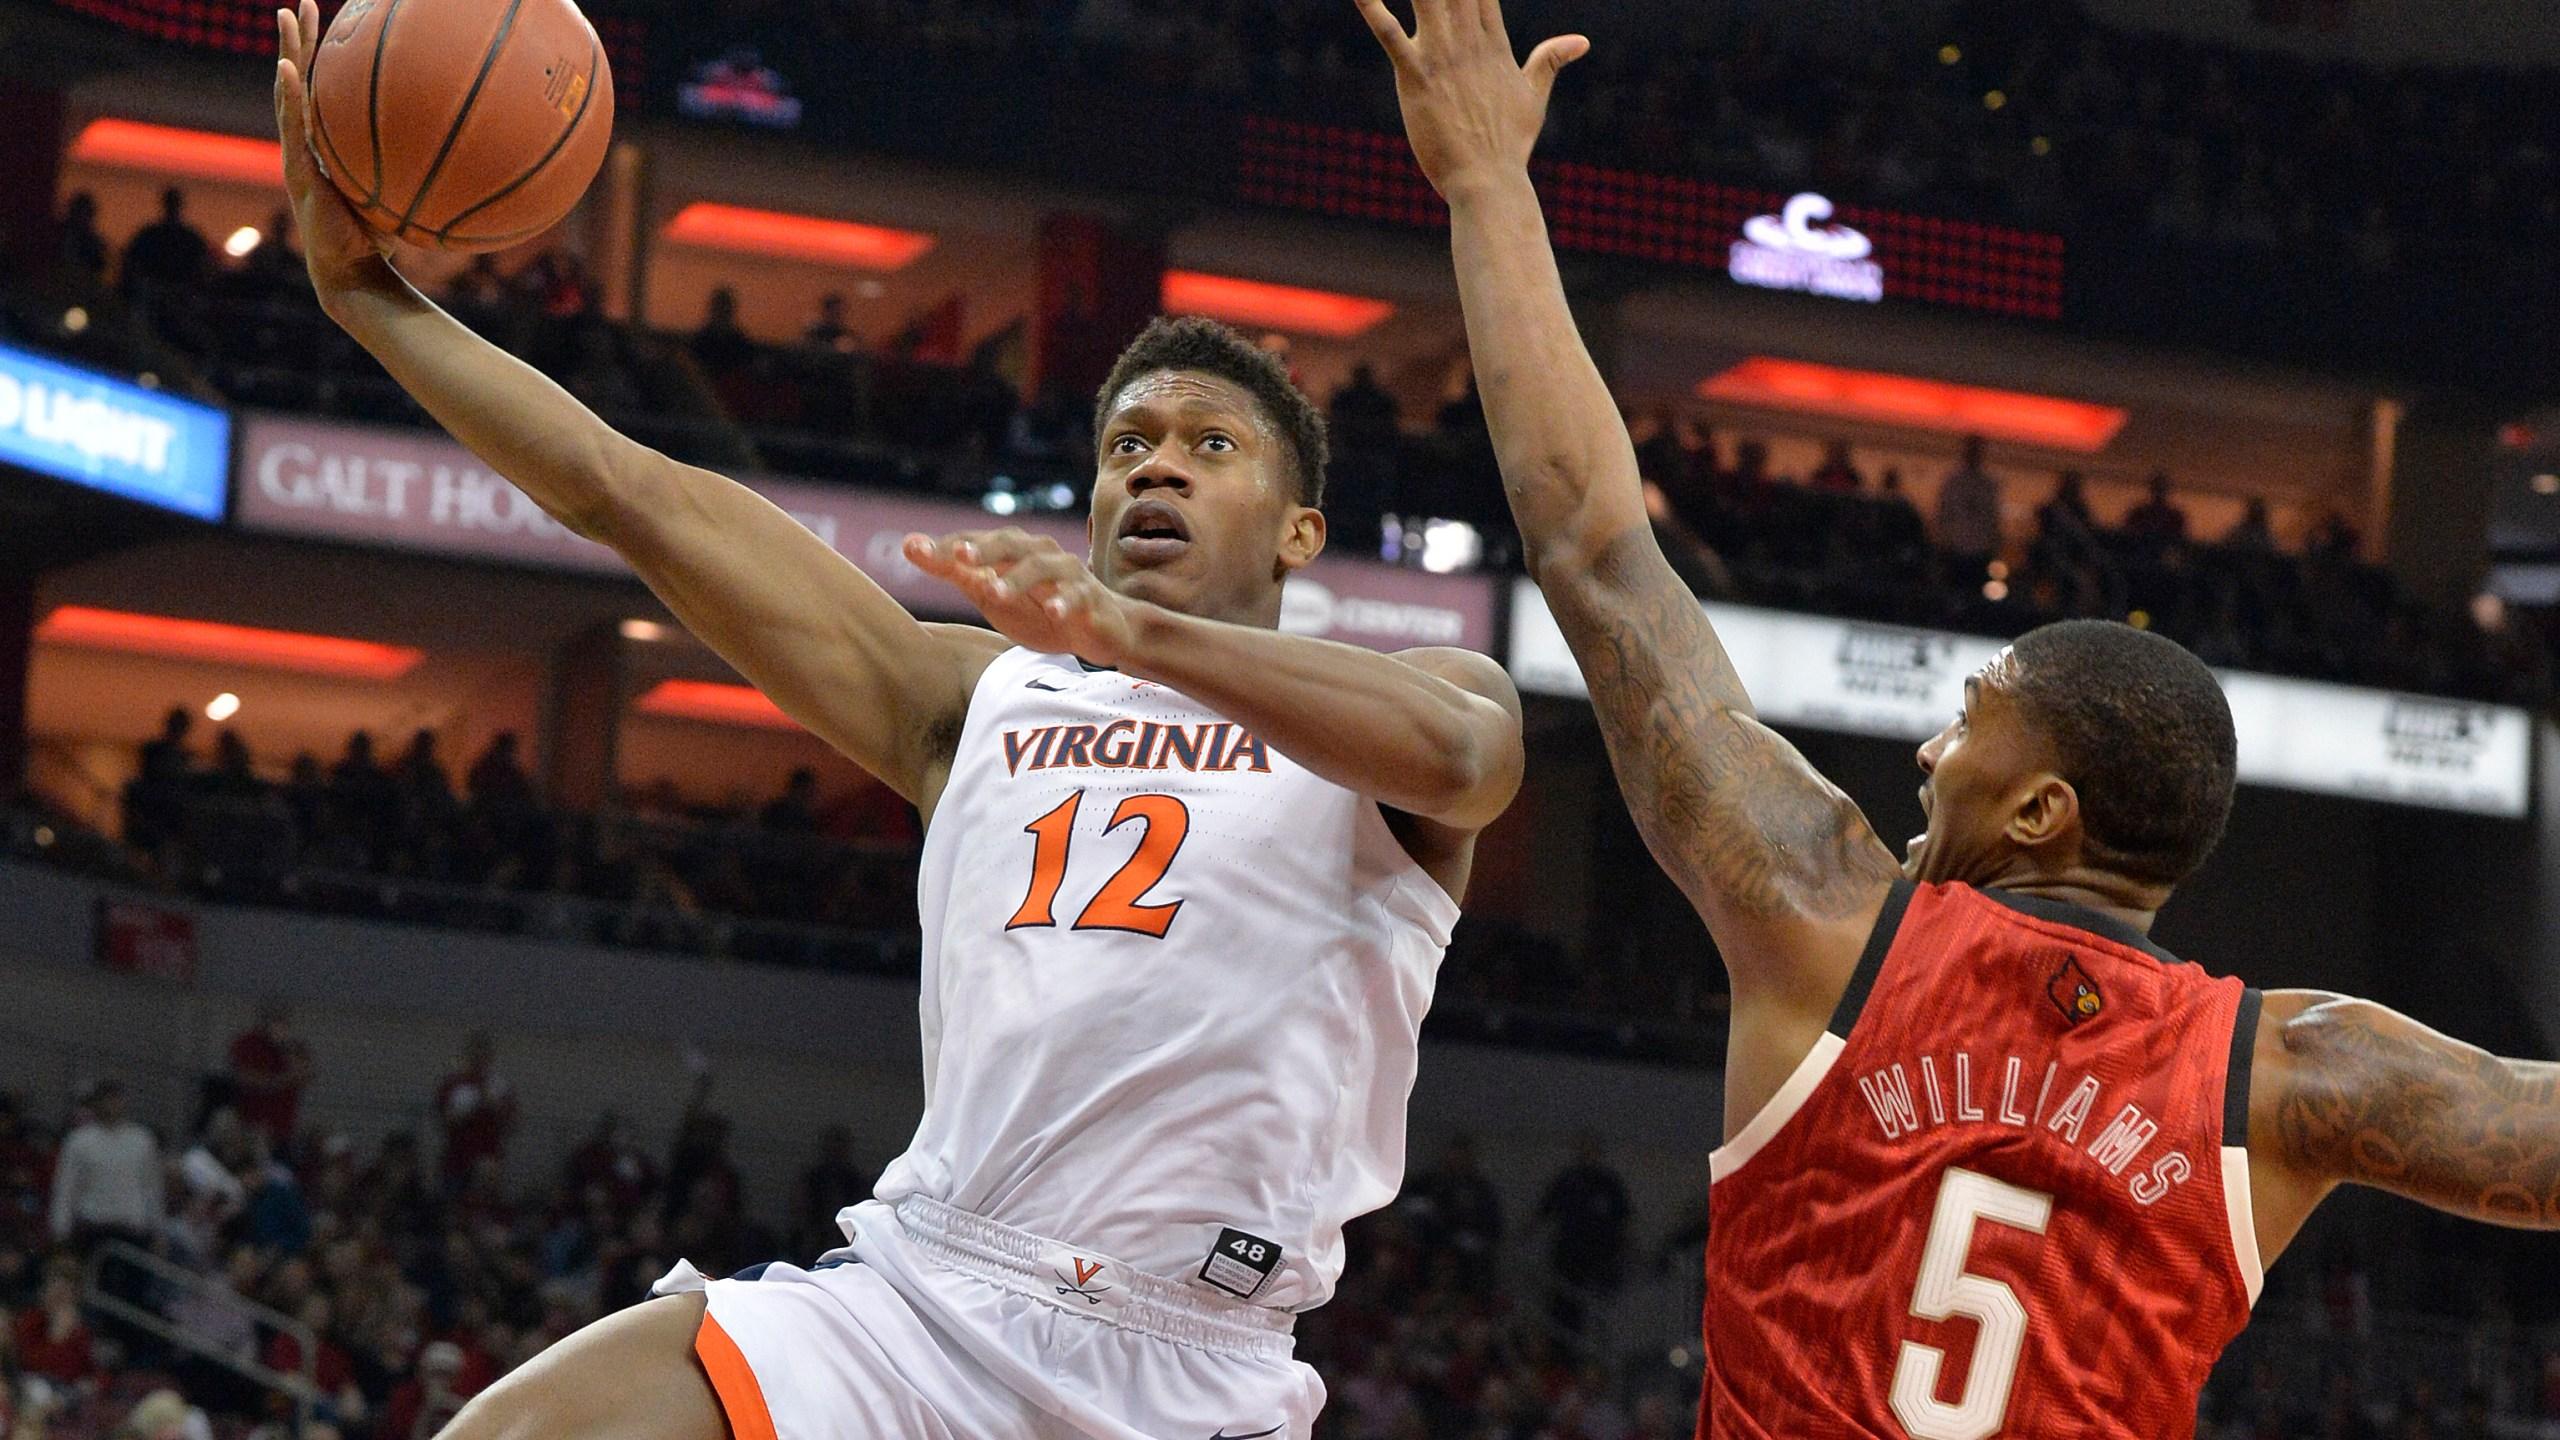 Virginia Louisville Basketball_1550961308009